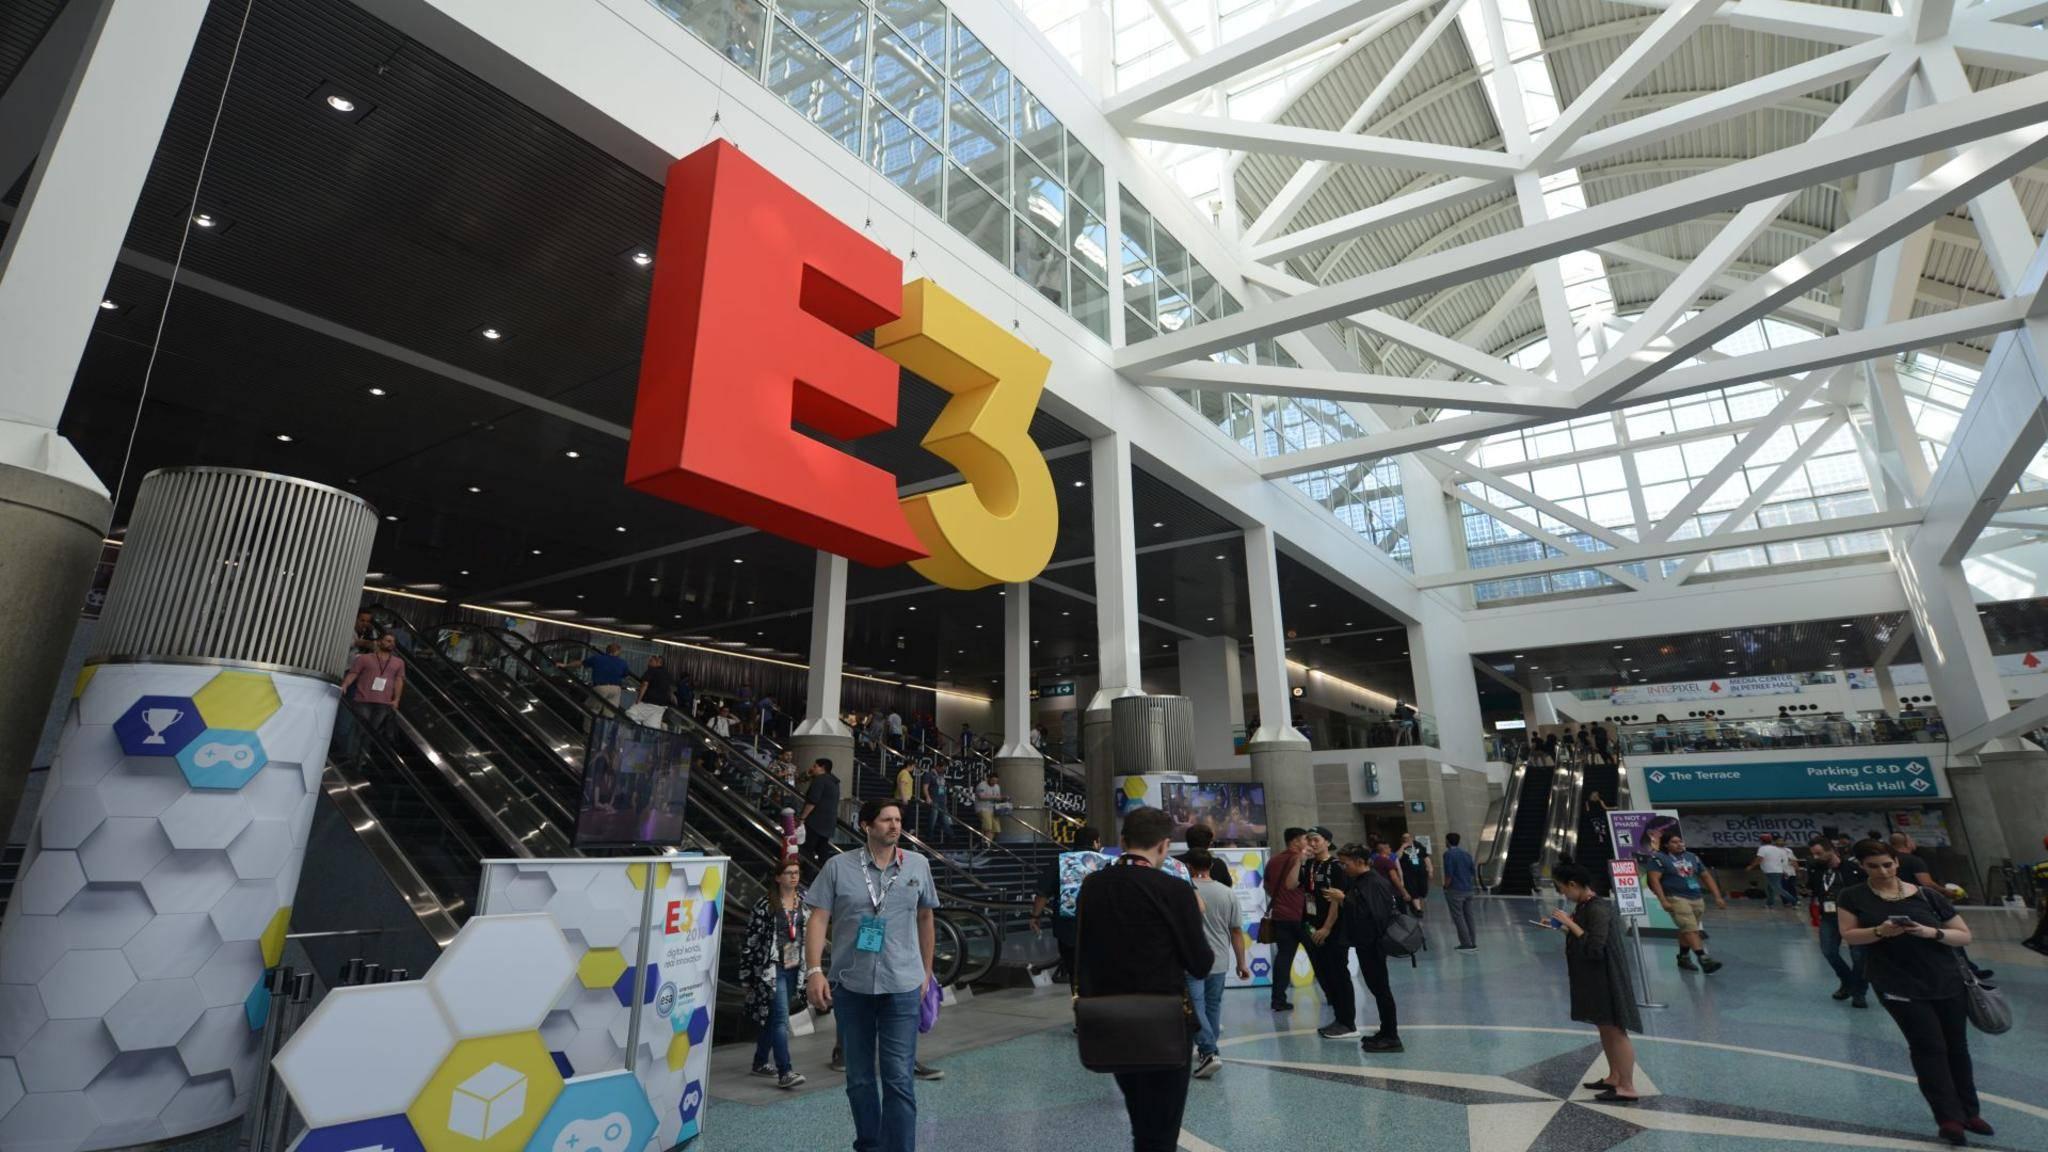 Die E3 soll 2021 wieder stattfinden. In welcher Form, ist allerdings offen.